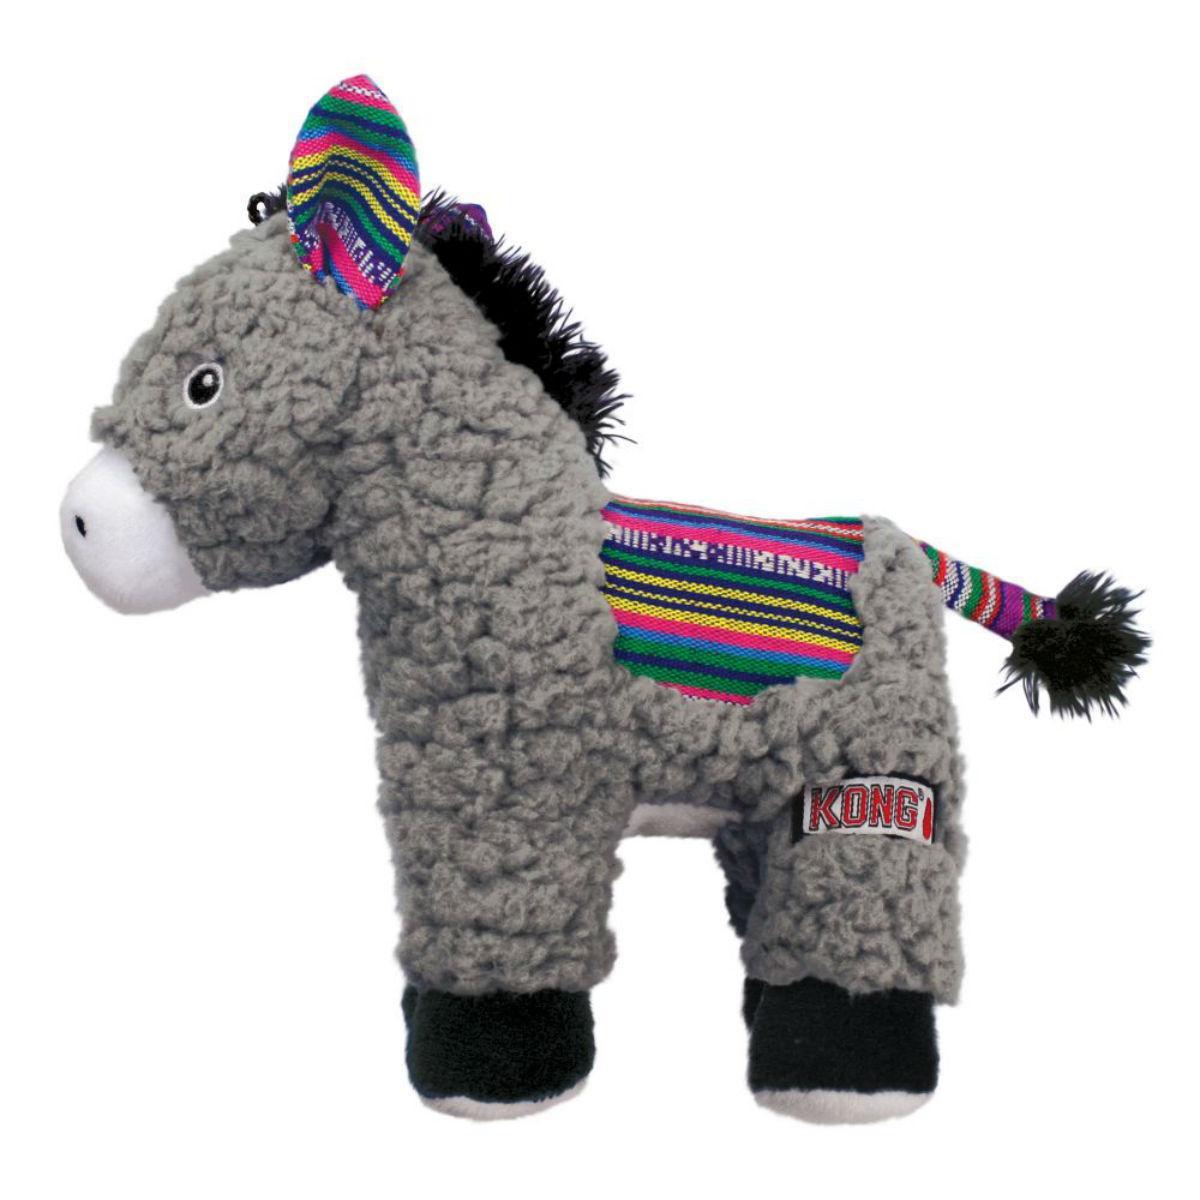 KONG Sherps Donkey Dog Toy